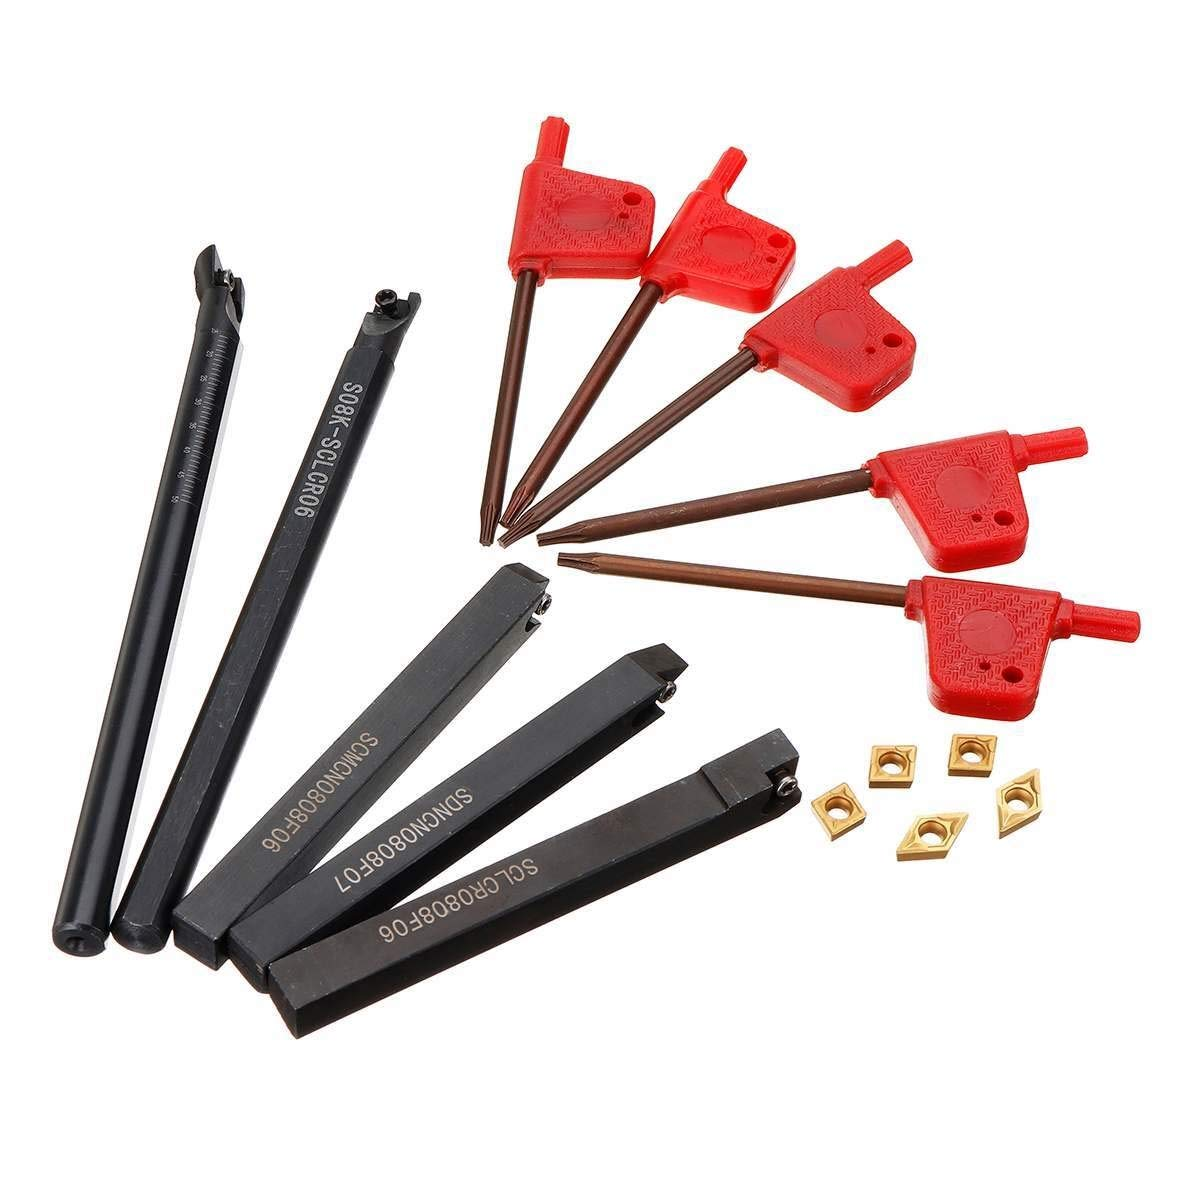 FMN-JC tama/ño : 8mm Soporte de Herramienta de torneado de Torno indexable de v/ástago de 5 Piezas de 8 mm con Insertos de carburo CCMT060204 DCMT070204 for m/áquina CNC